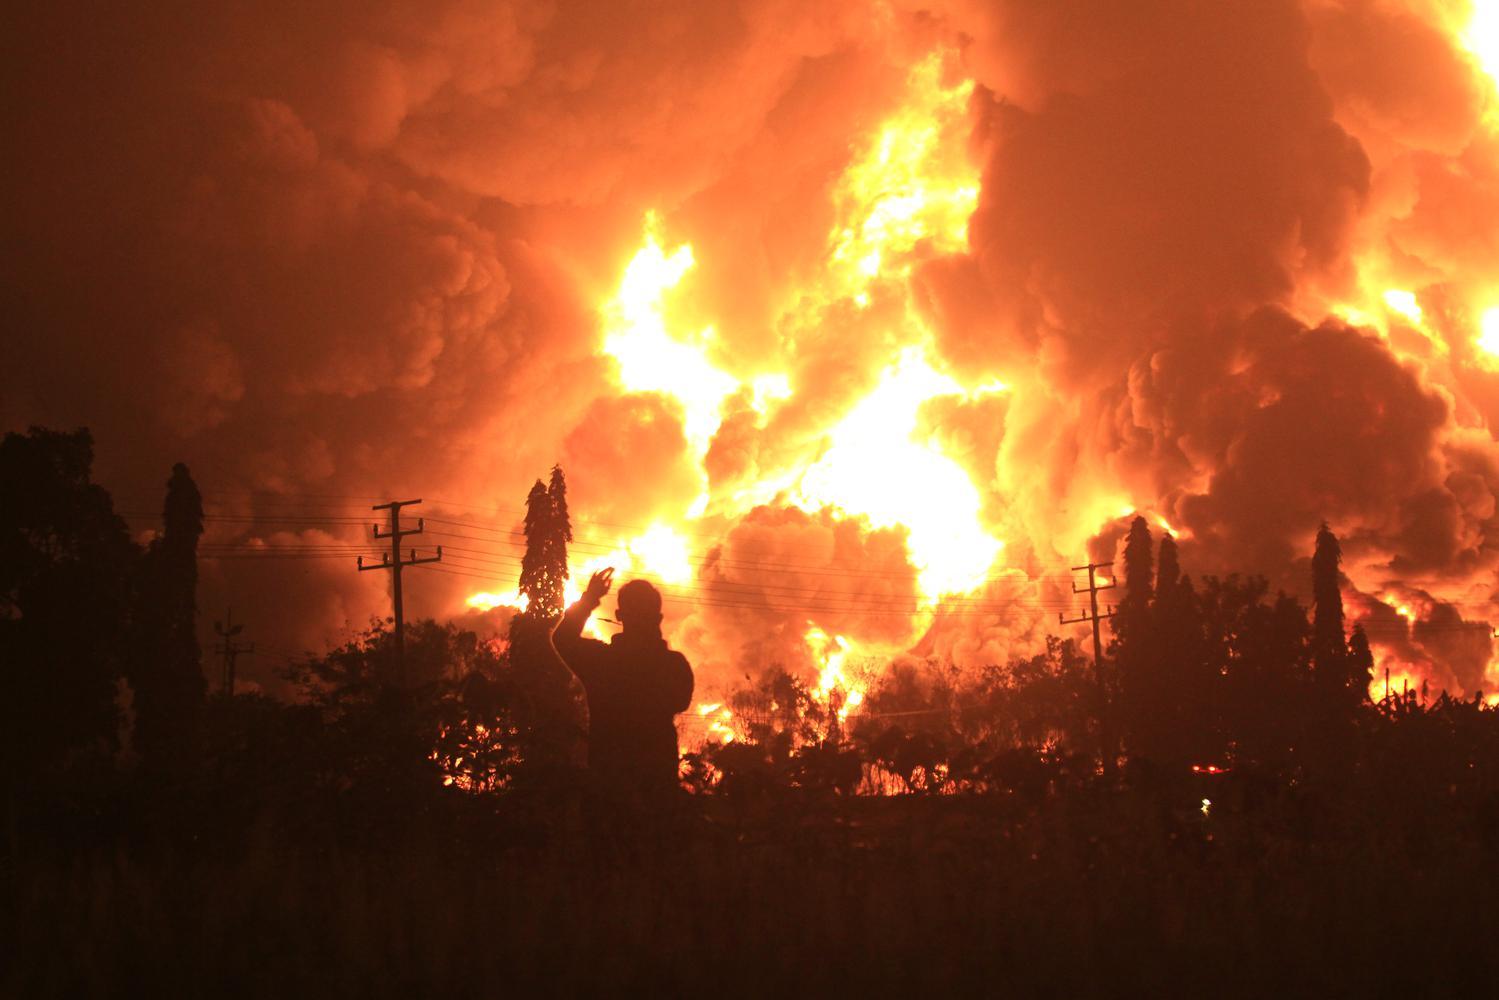 Warga mengambil video dengan gawai miliknya saat terjadi kebakaran di kompleks Pertamina RU VI Balongan, Indramayu, Jawa Barat, Senin (29/3/2021) dini hari.